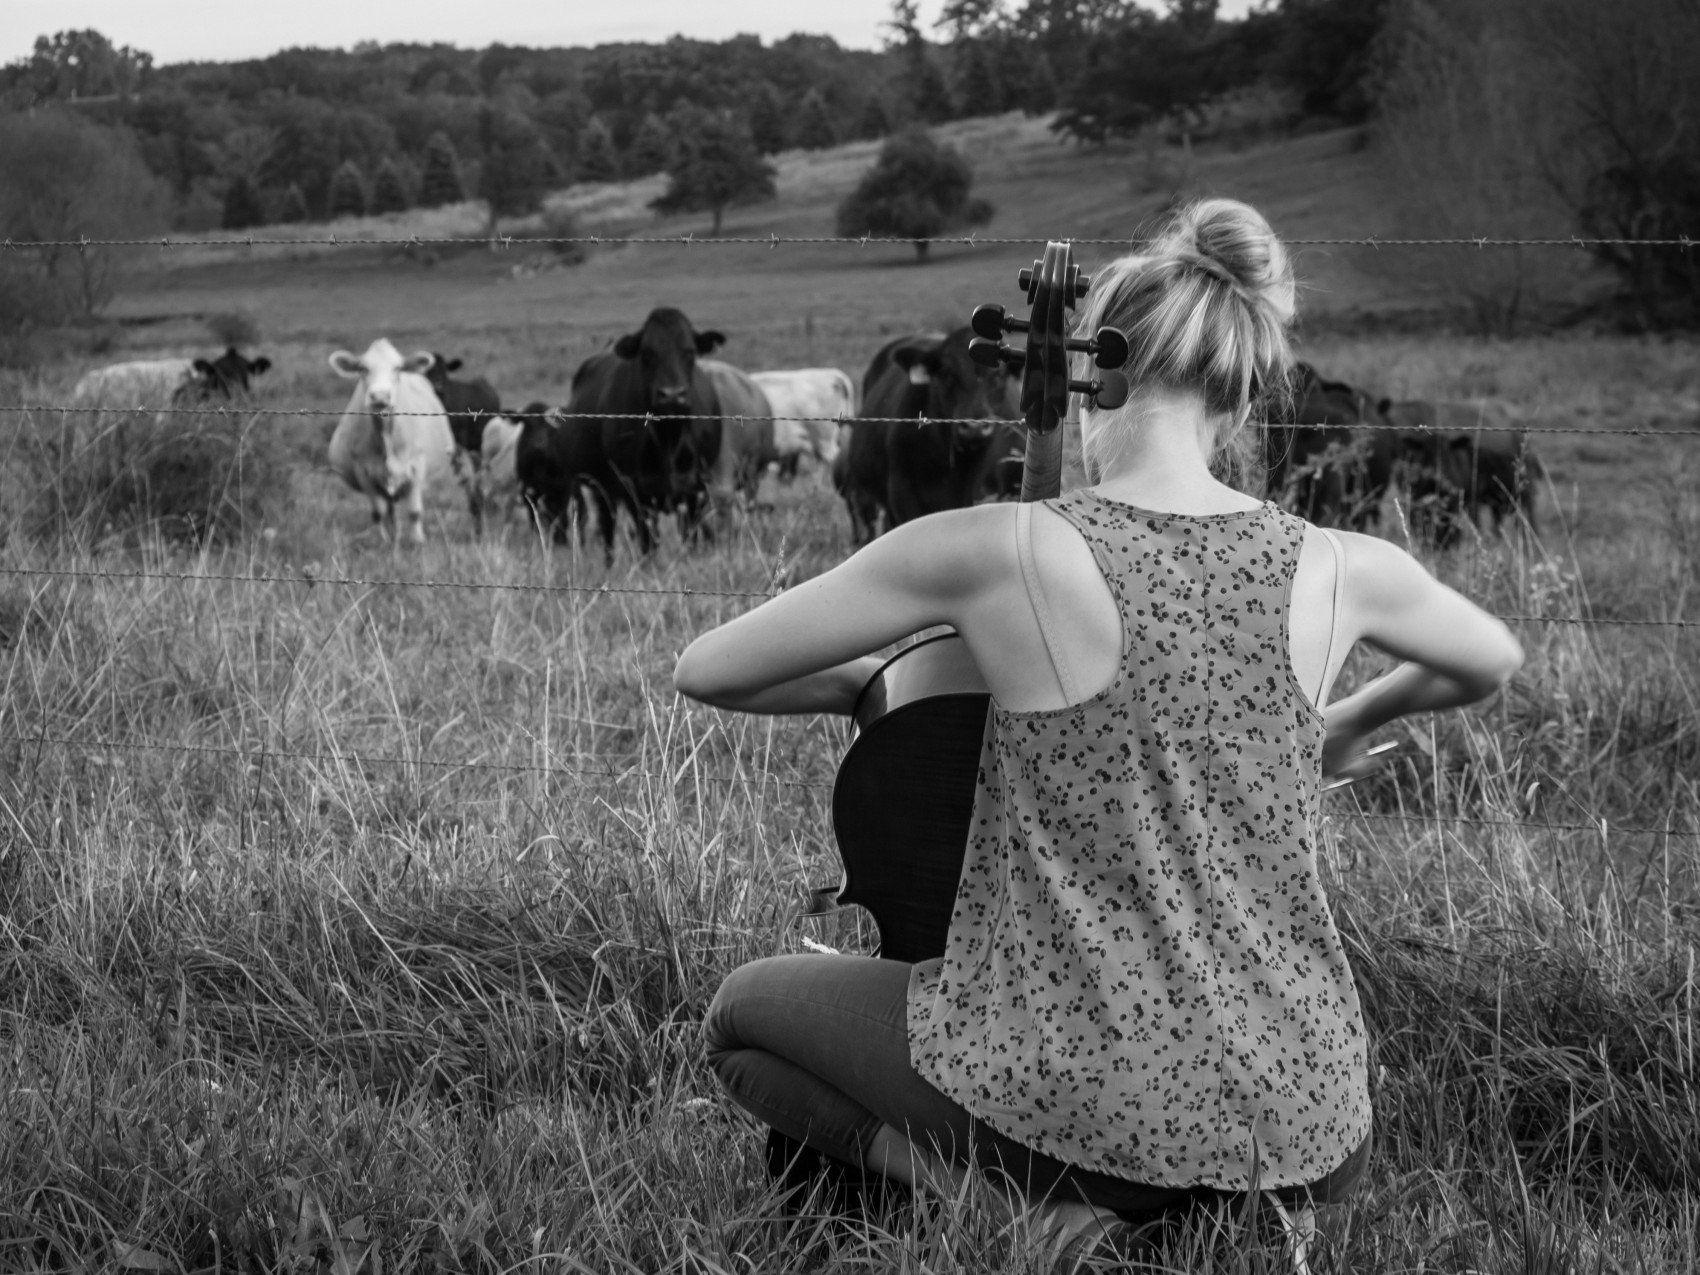 piacello - cows